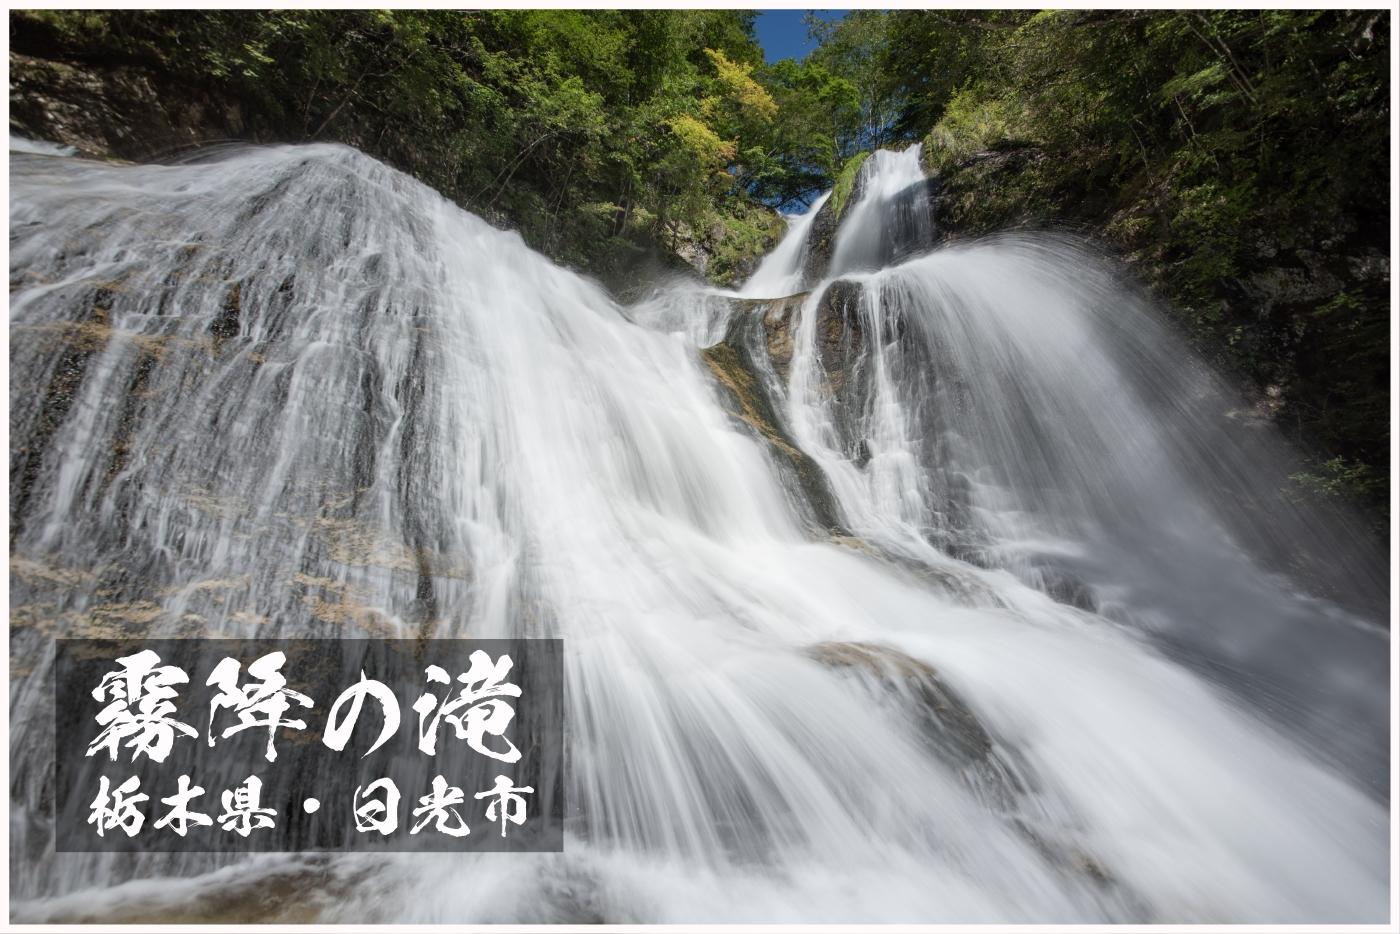 霧降の滝の下段へ ~栃木県・日光市~